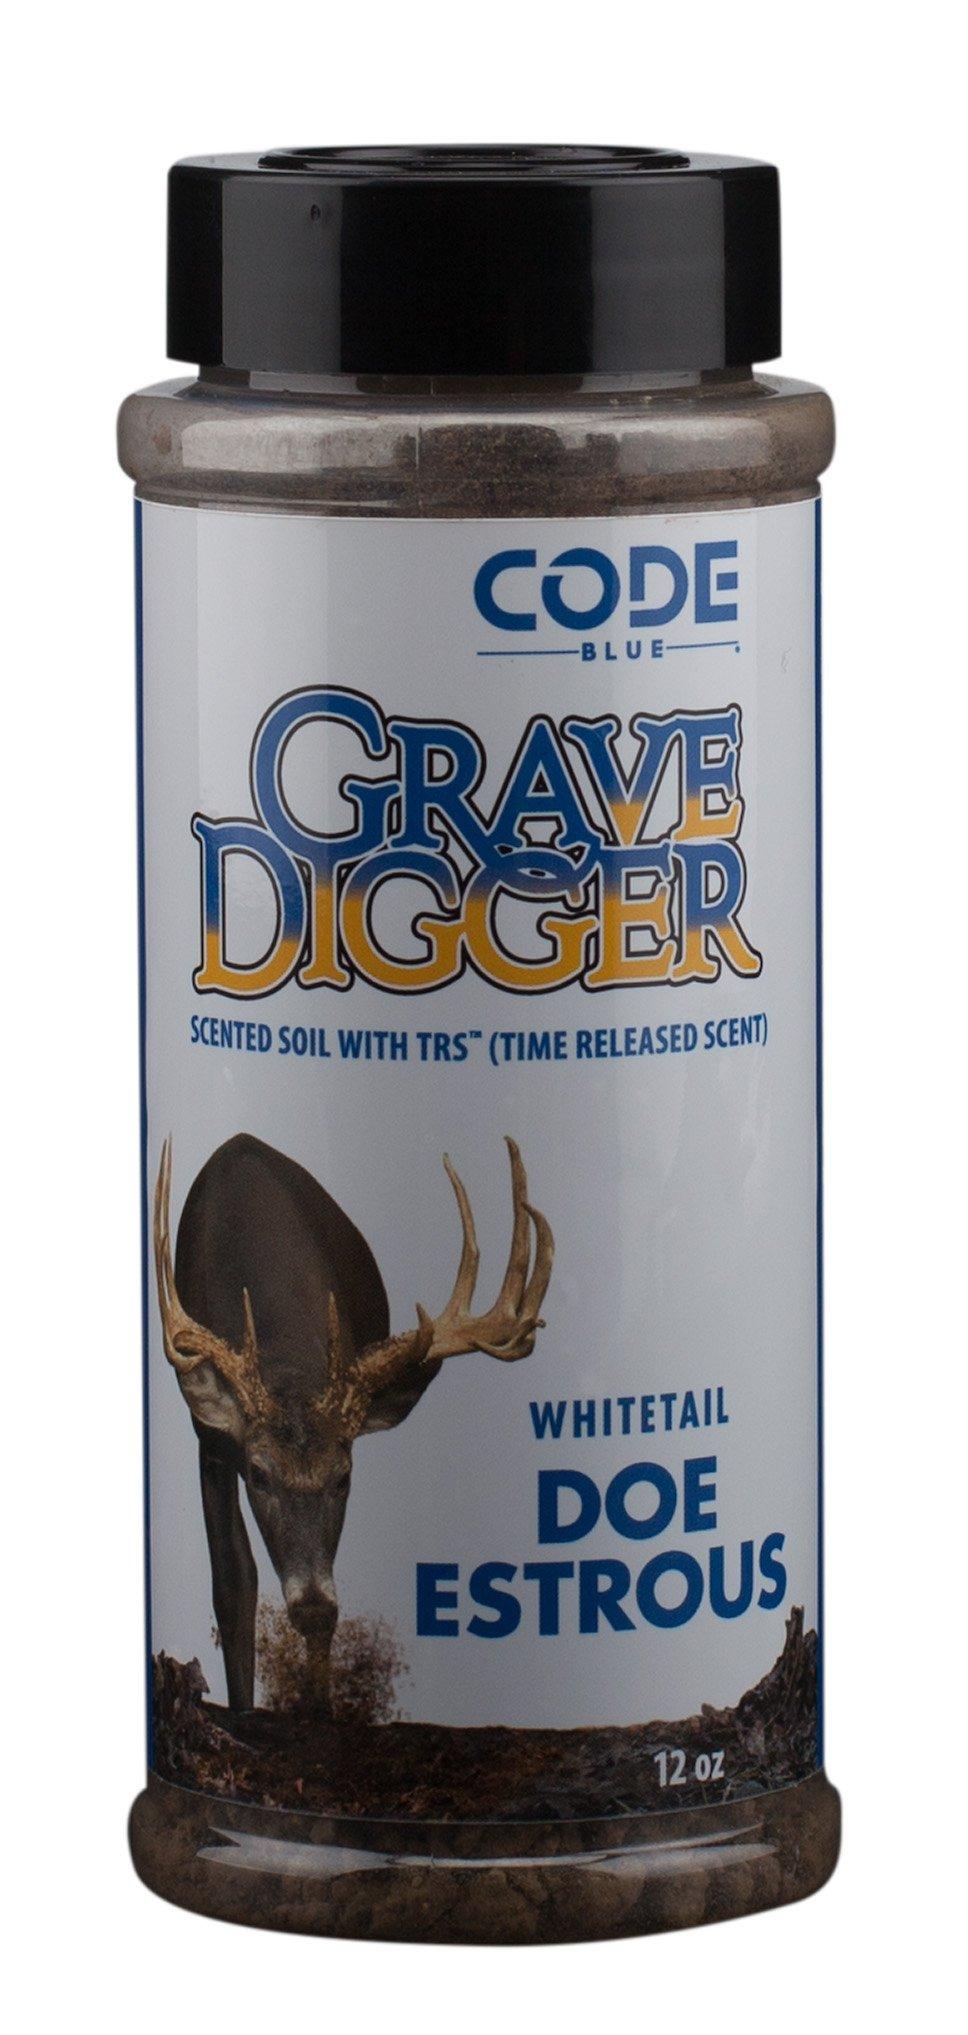 Code Blue Grave Digger Doe Estrous 12 oz